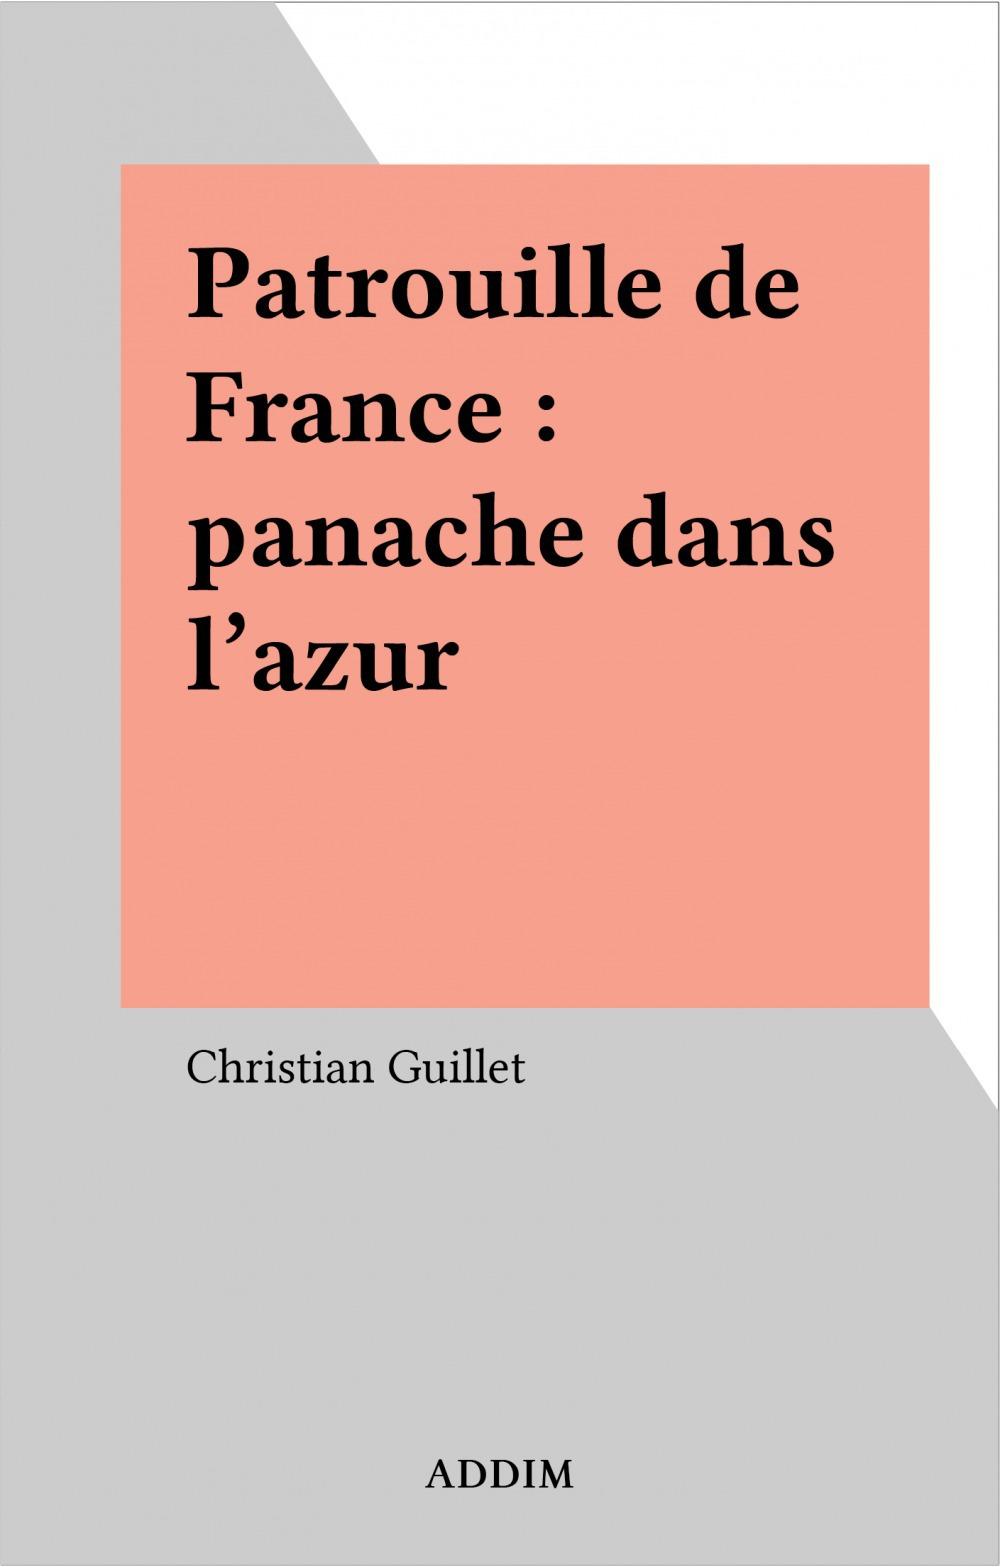 Patrouille de France : panache dans l'azur